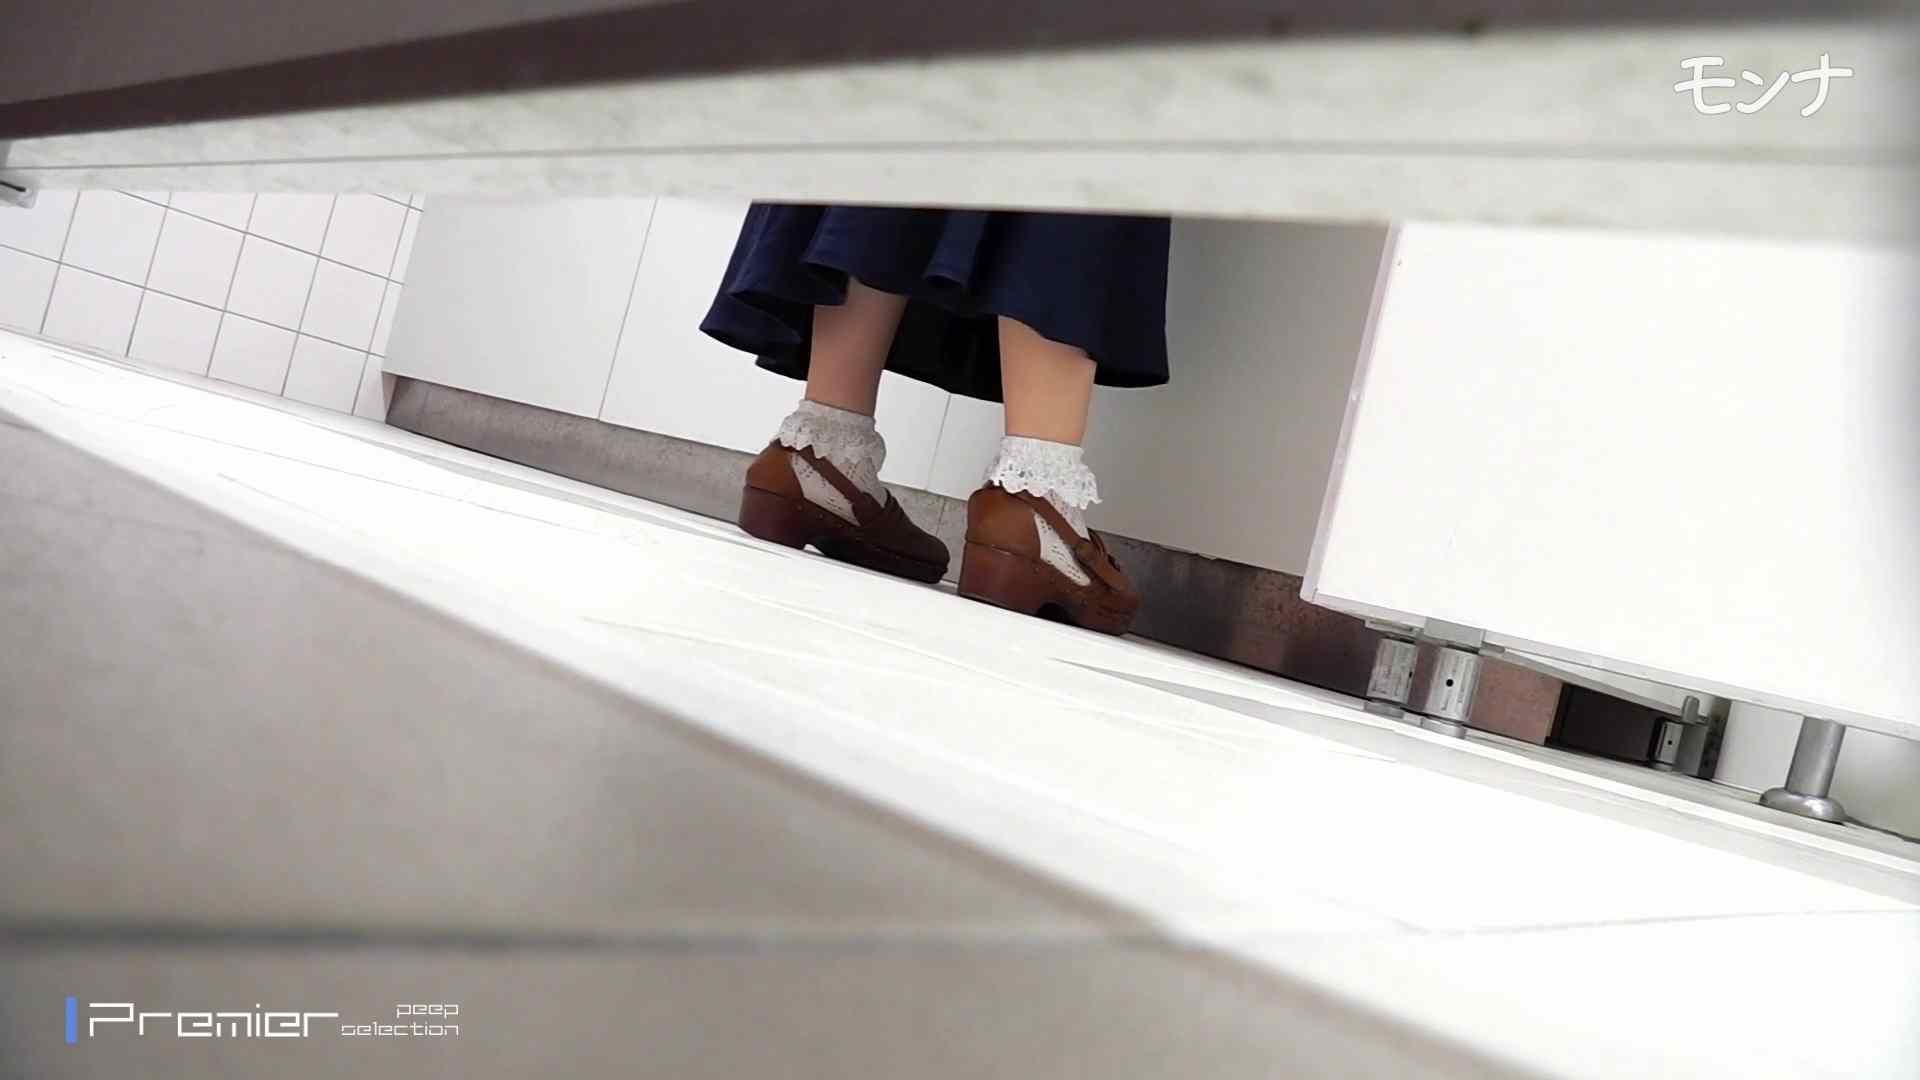 美しい日本の未来 No.55 普通の子たちの日常調長身あり 丸見え  91PIX 32